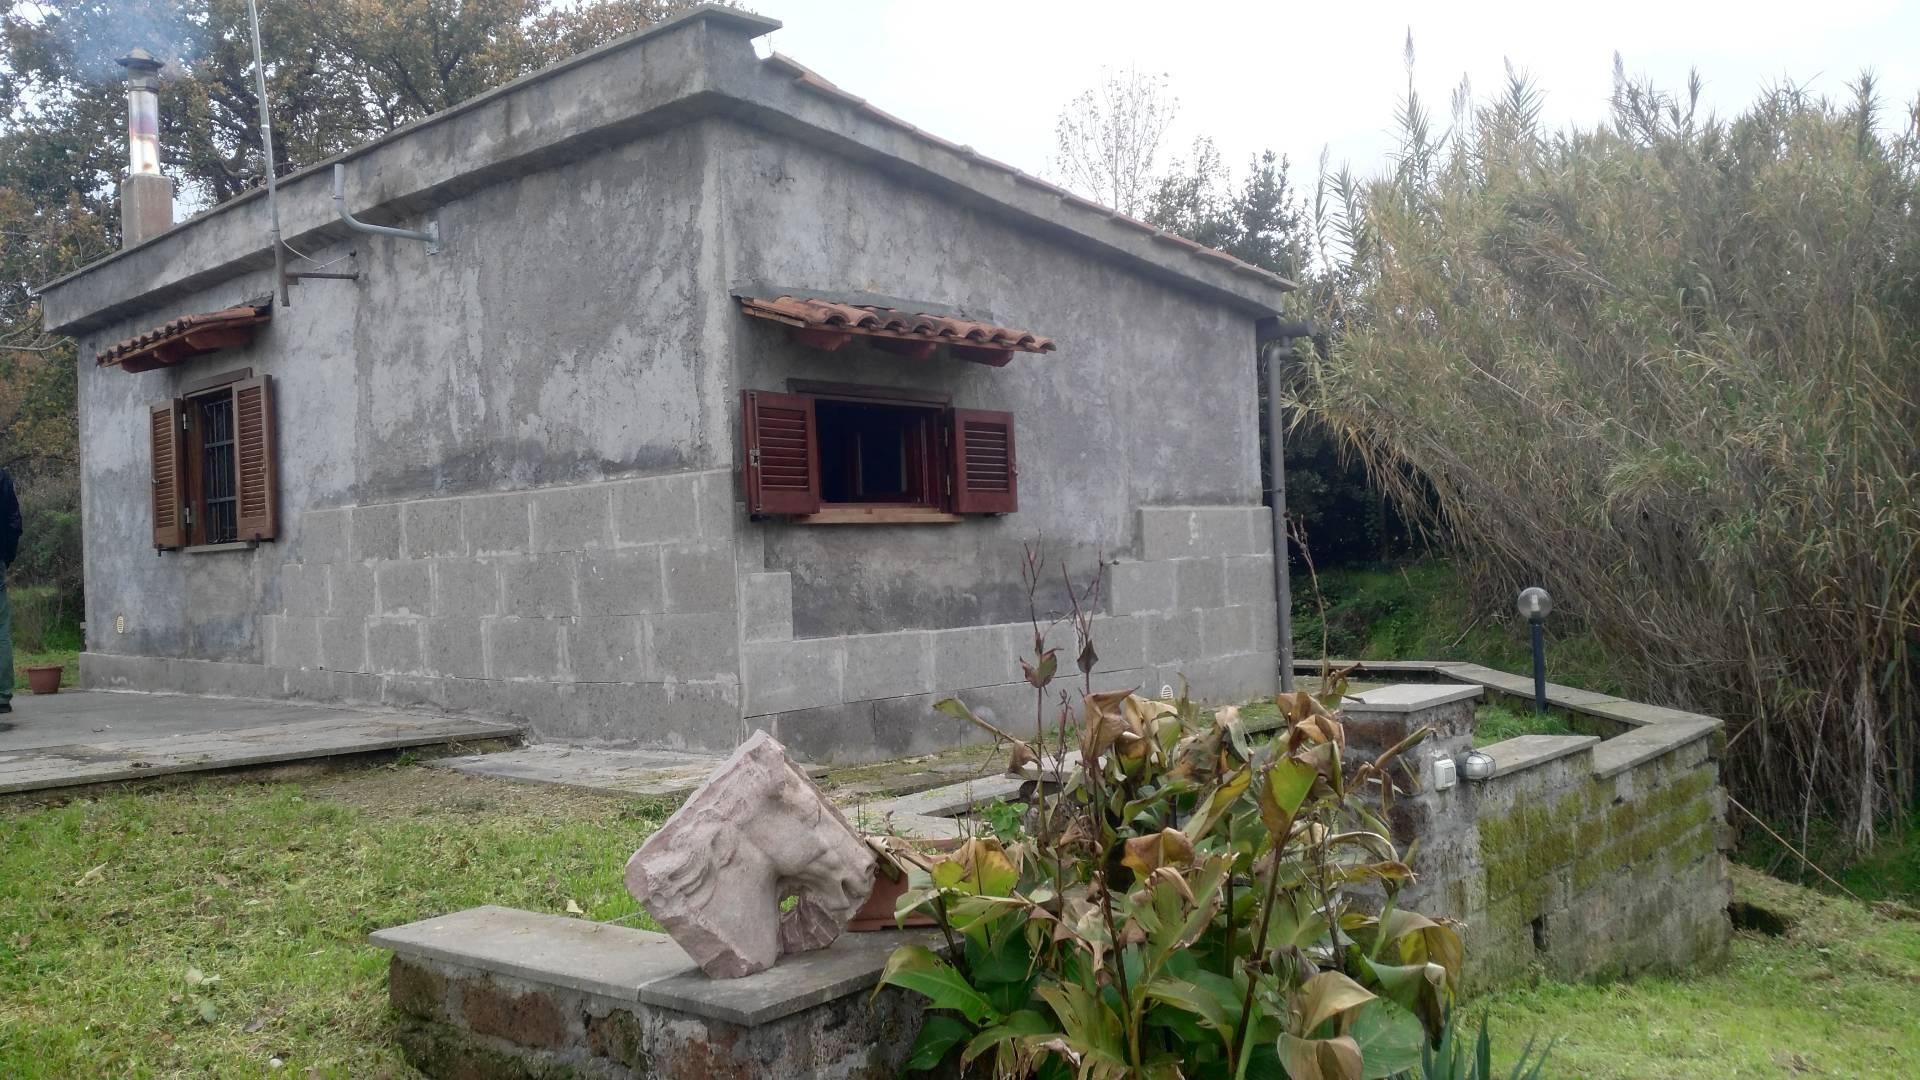 Soluzione Indipendente in vendita a Vitorchiano, 2 locali, zona Località: Vitorchiano, prezzo € 38.000 | Cambio Casa.it